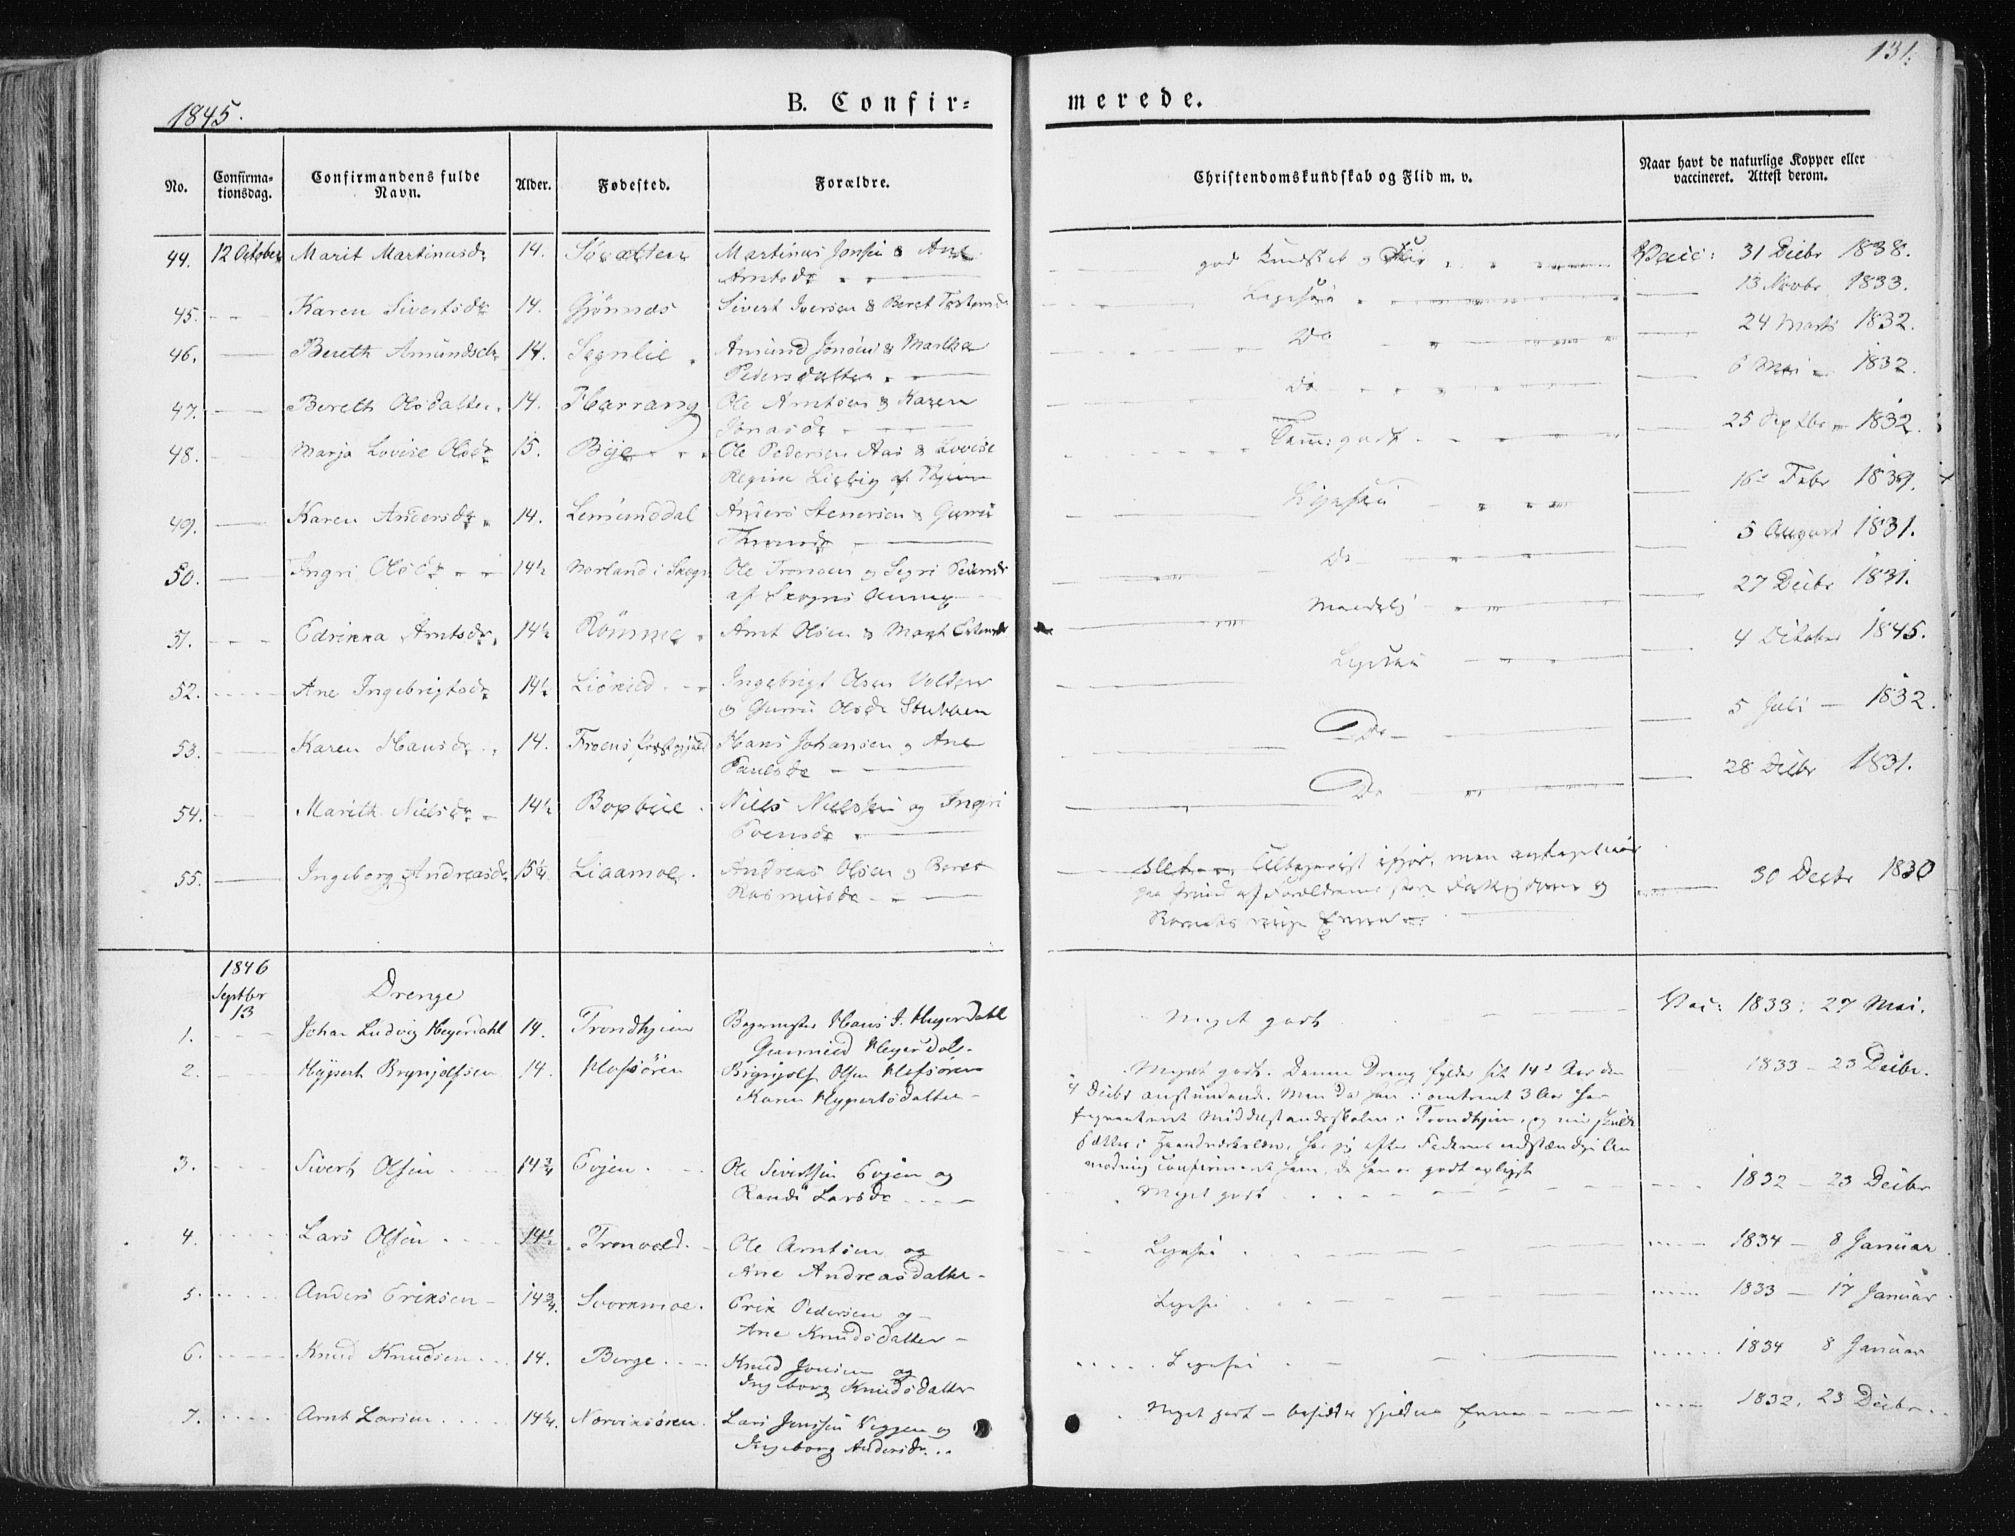 SAT, Ministerialprotokoller, klokkerbøker og fødselsregistre - Sør-Trøndelag, 668/L0805: Ministerialbok nr. 668A05, 1840-1853, s. 131